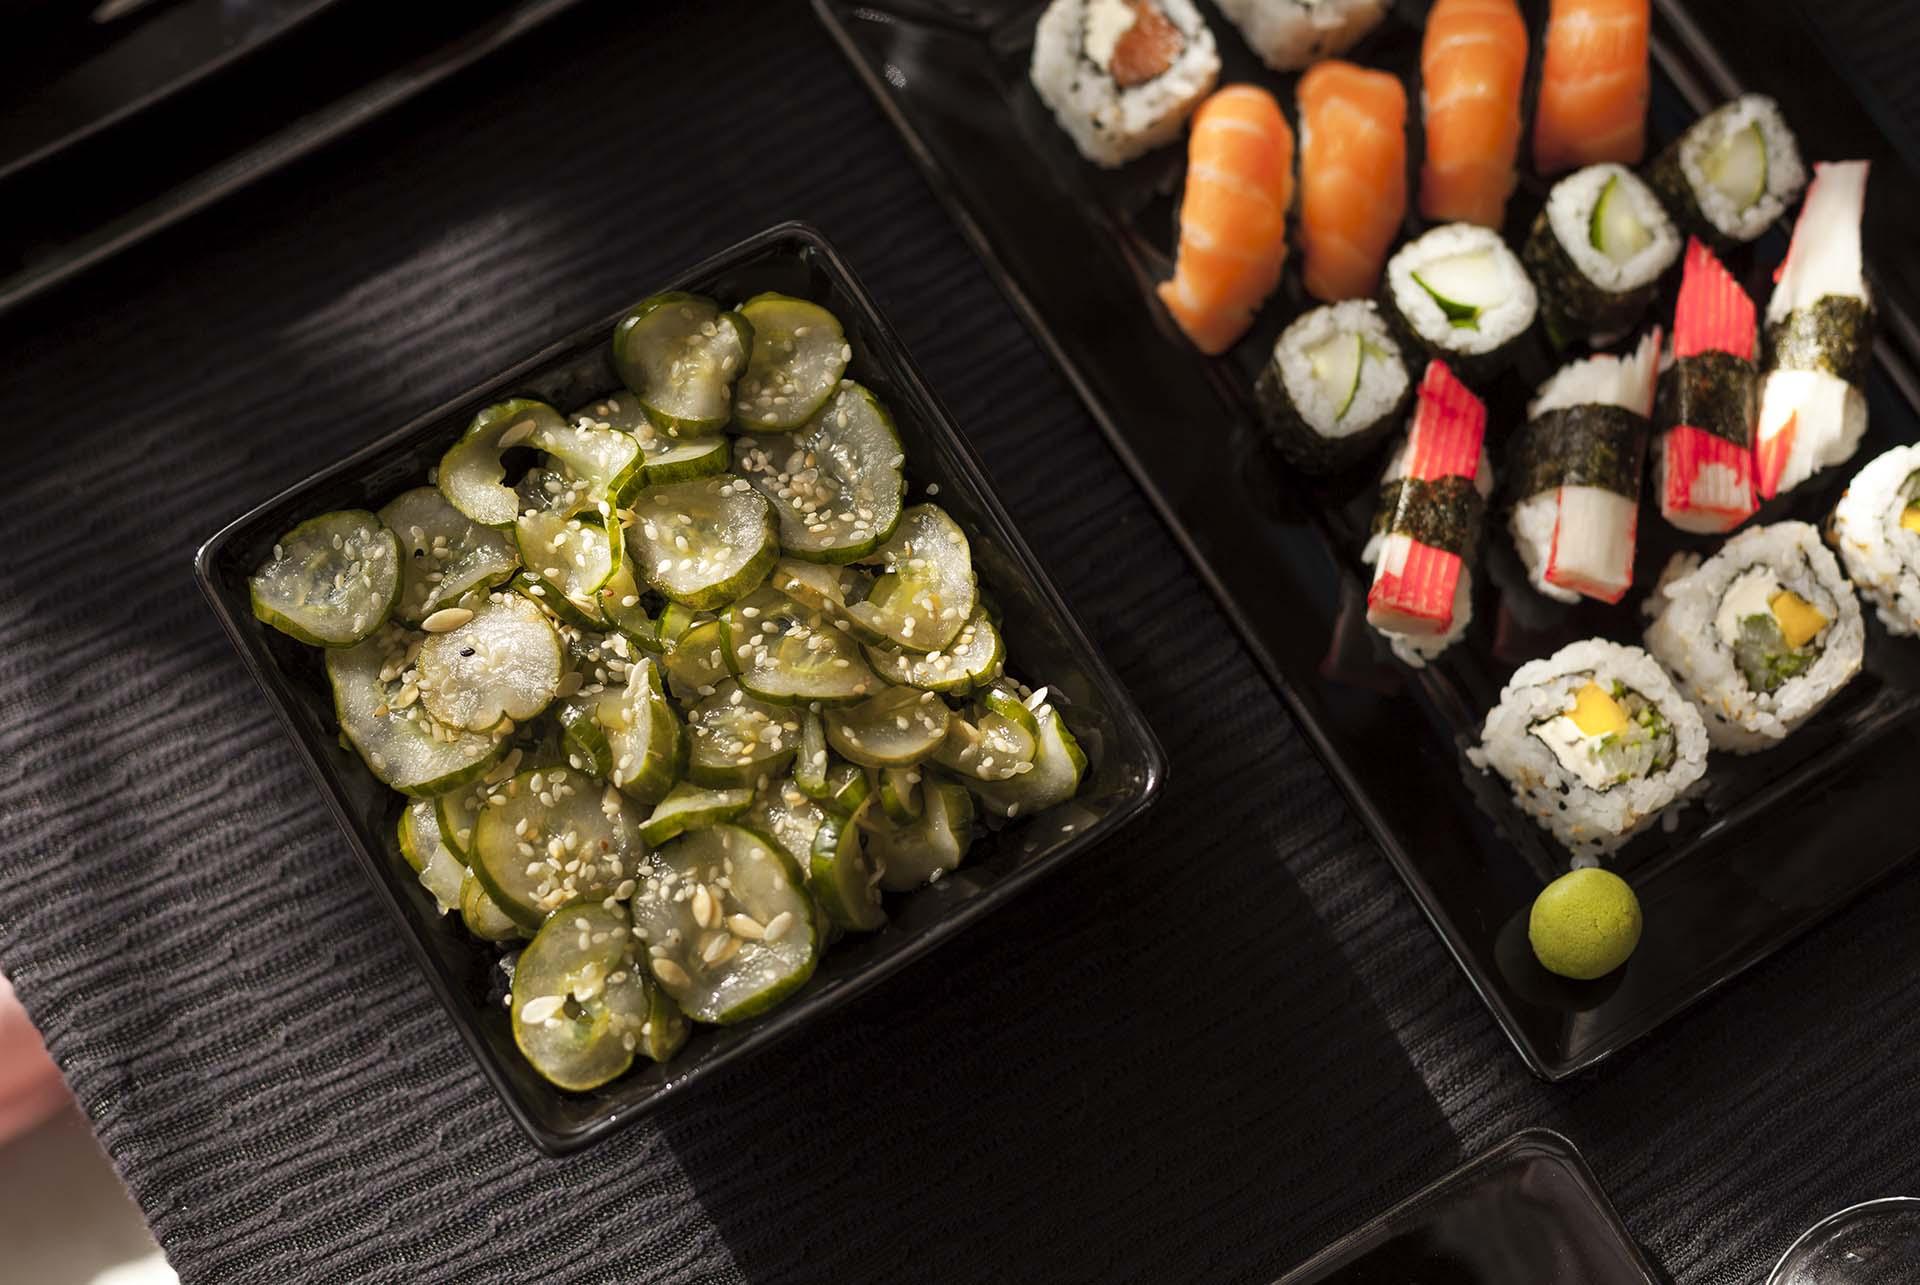 """Imagem: Essa é a entrada mais popular em um jantar japonês. Sunomono significa literalmente """"coisas avinagradas"""", e é geralmente servido em pequenas porções. Foto: Raphael Günther/Bespoke Content."""